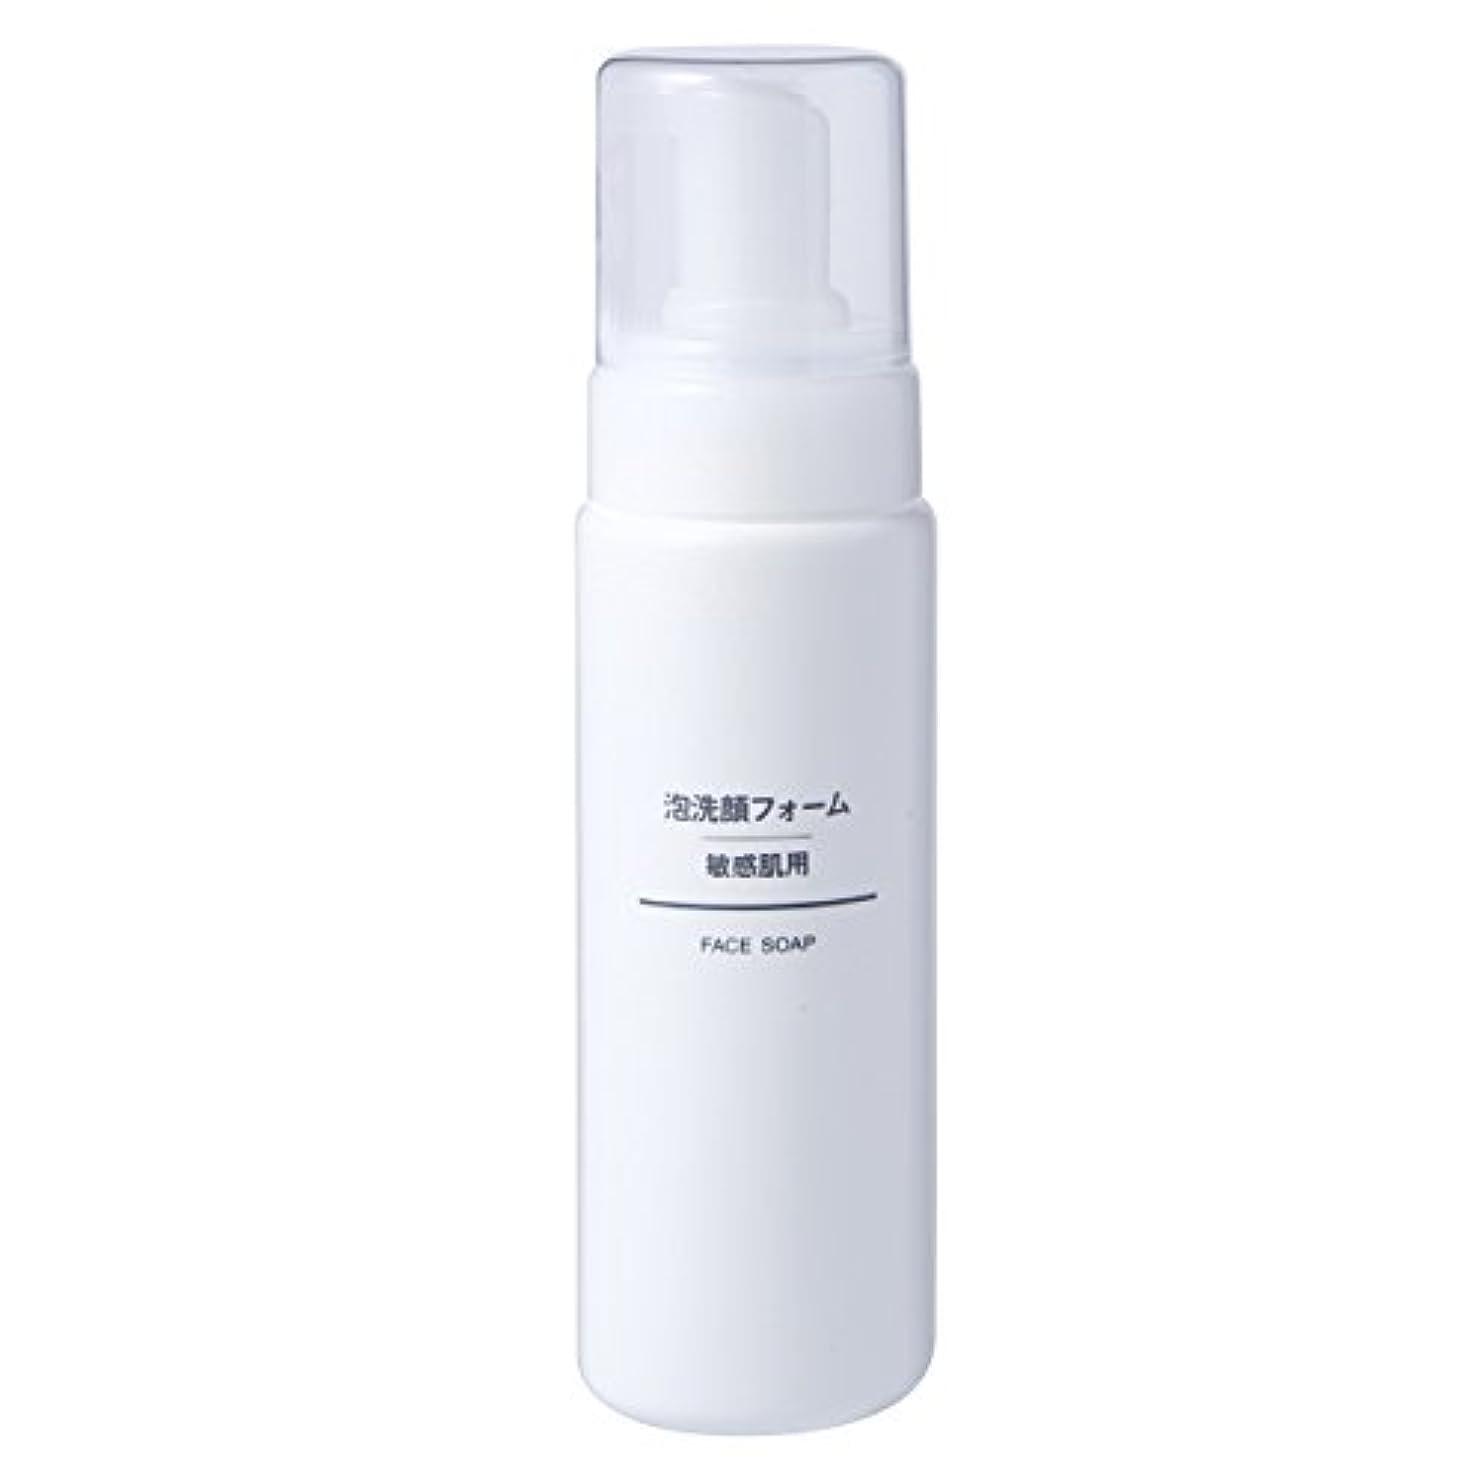 信頼性のあるかわいらしいドライバ無印良品 泡洗顔フォーム 敏感肌用 200ml